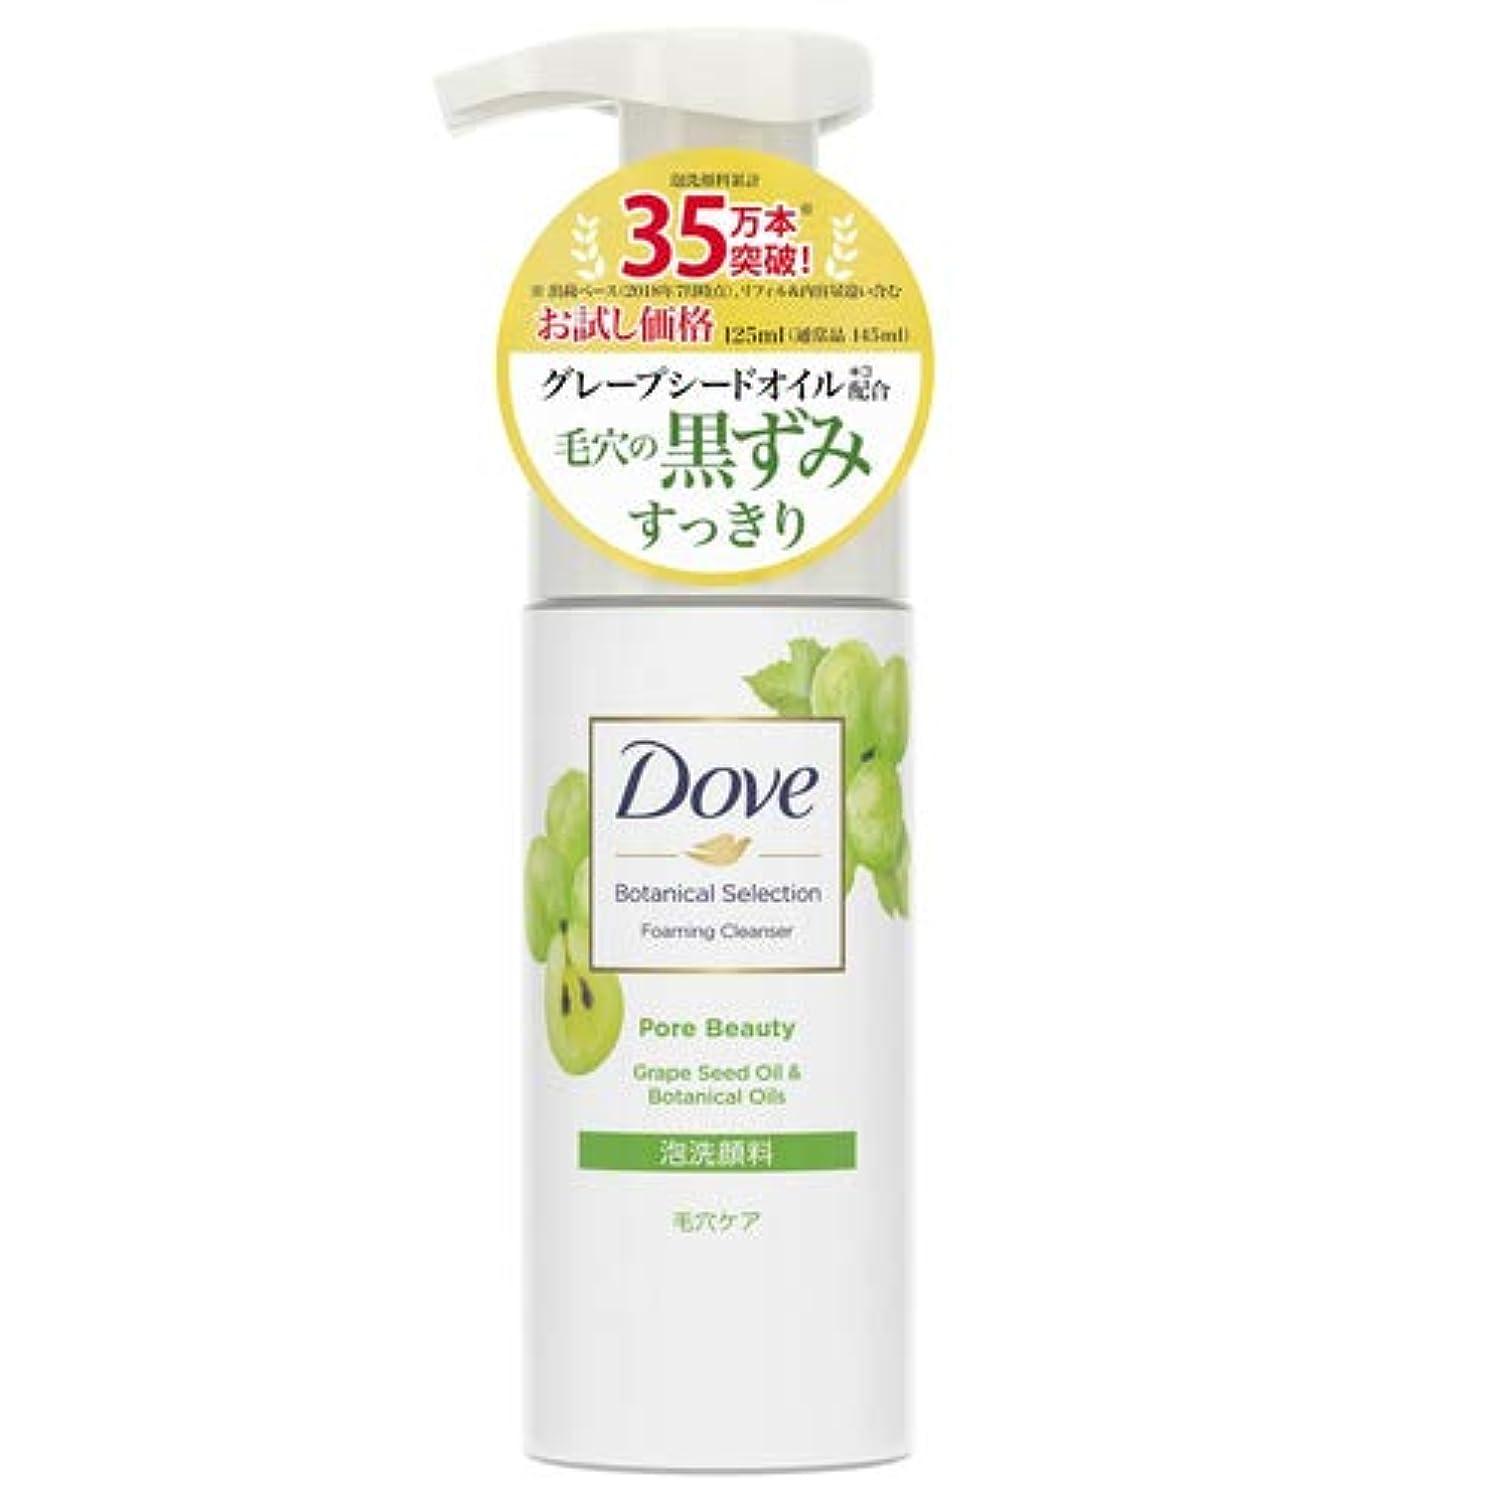 統治する飼いならすのホストDove(ダヴ) ダヴBポアビューティー泡洗顔お試し価格品125ML